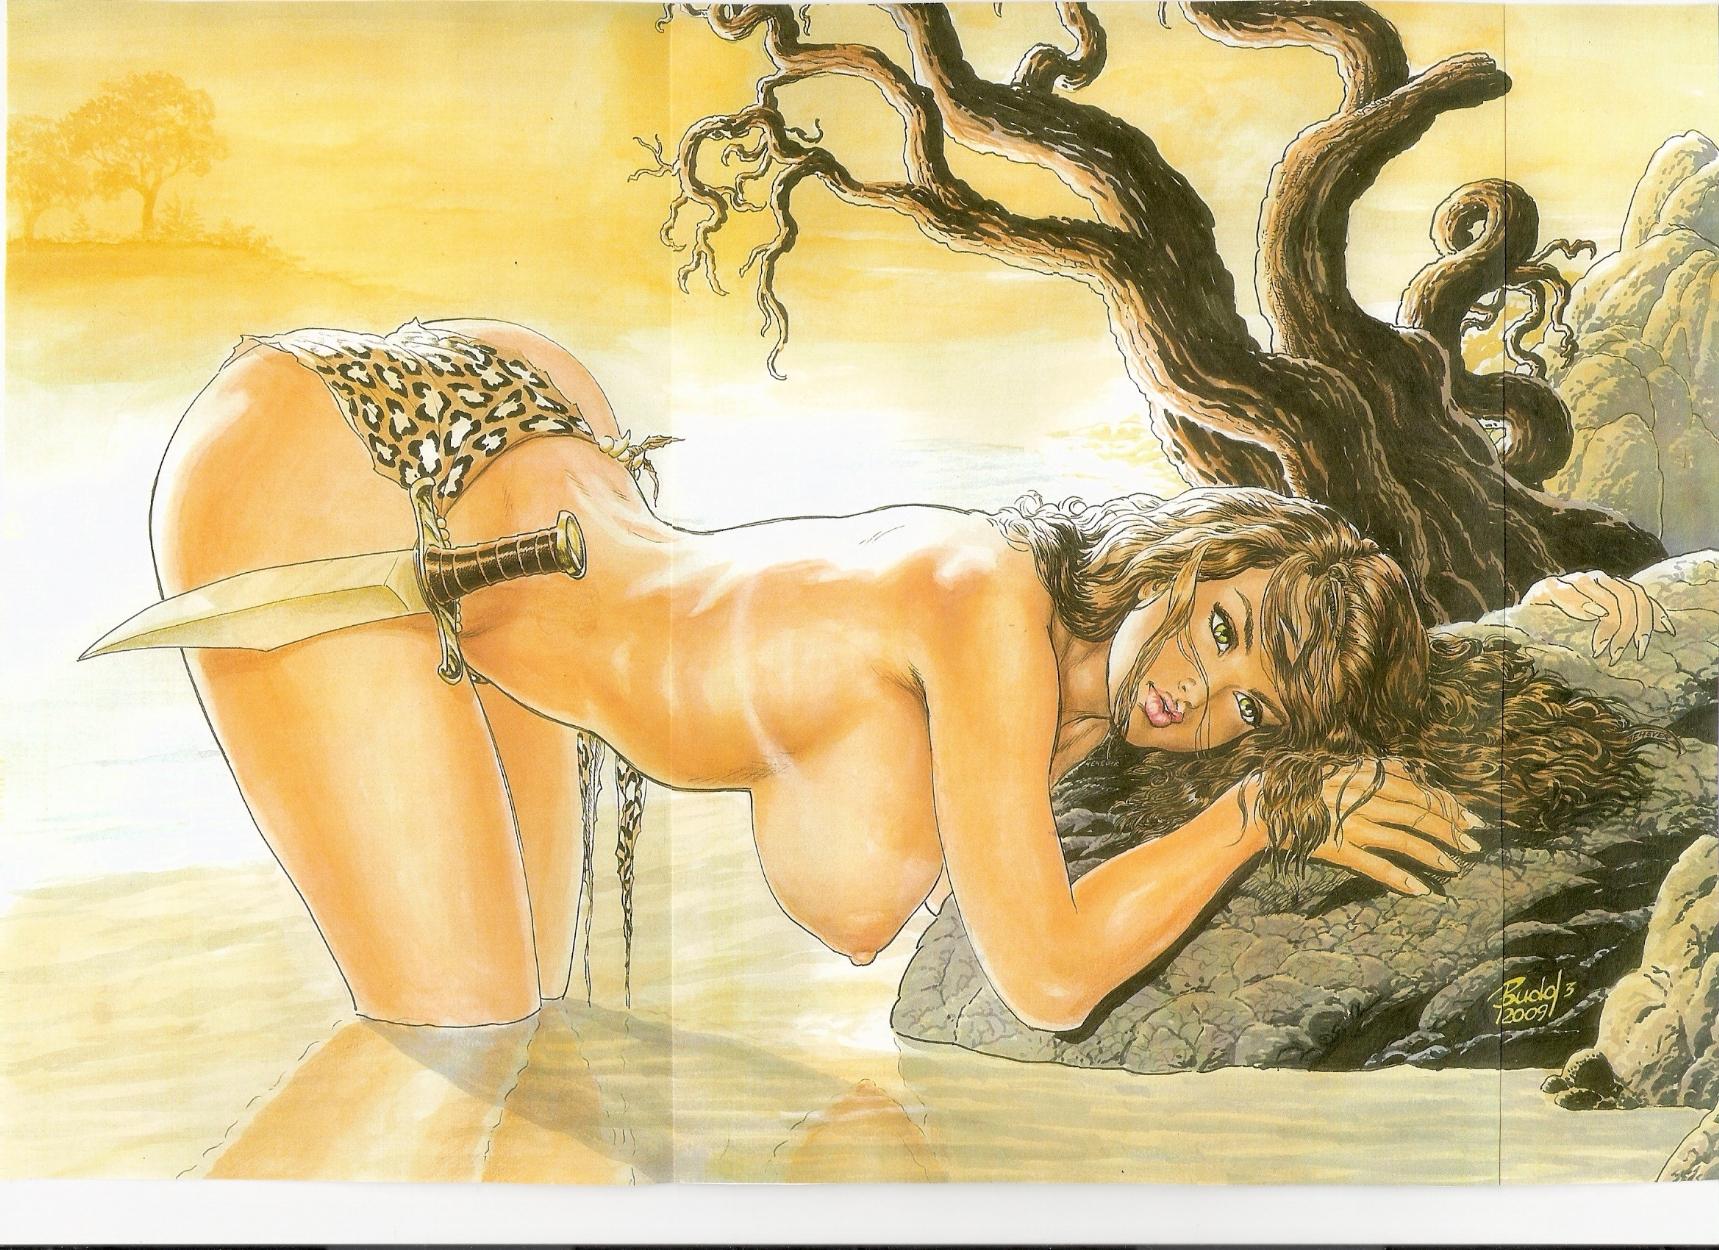 eroticheskie-fantazii-v-kartinkah